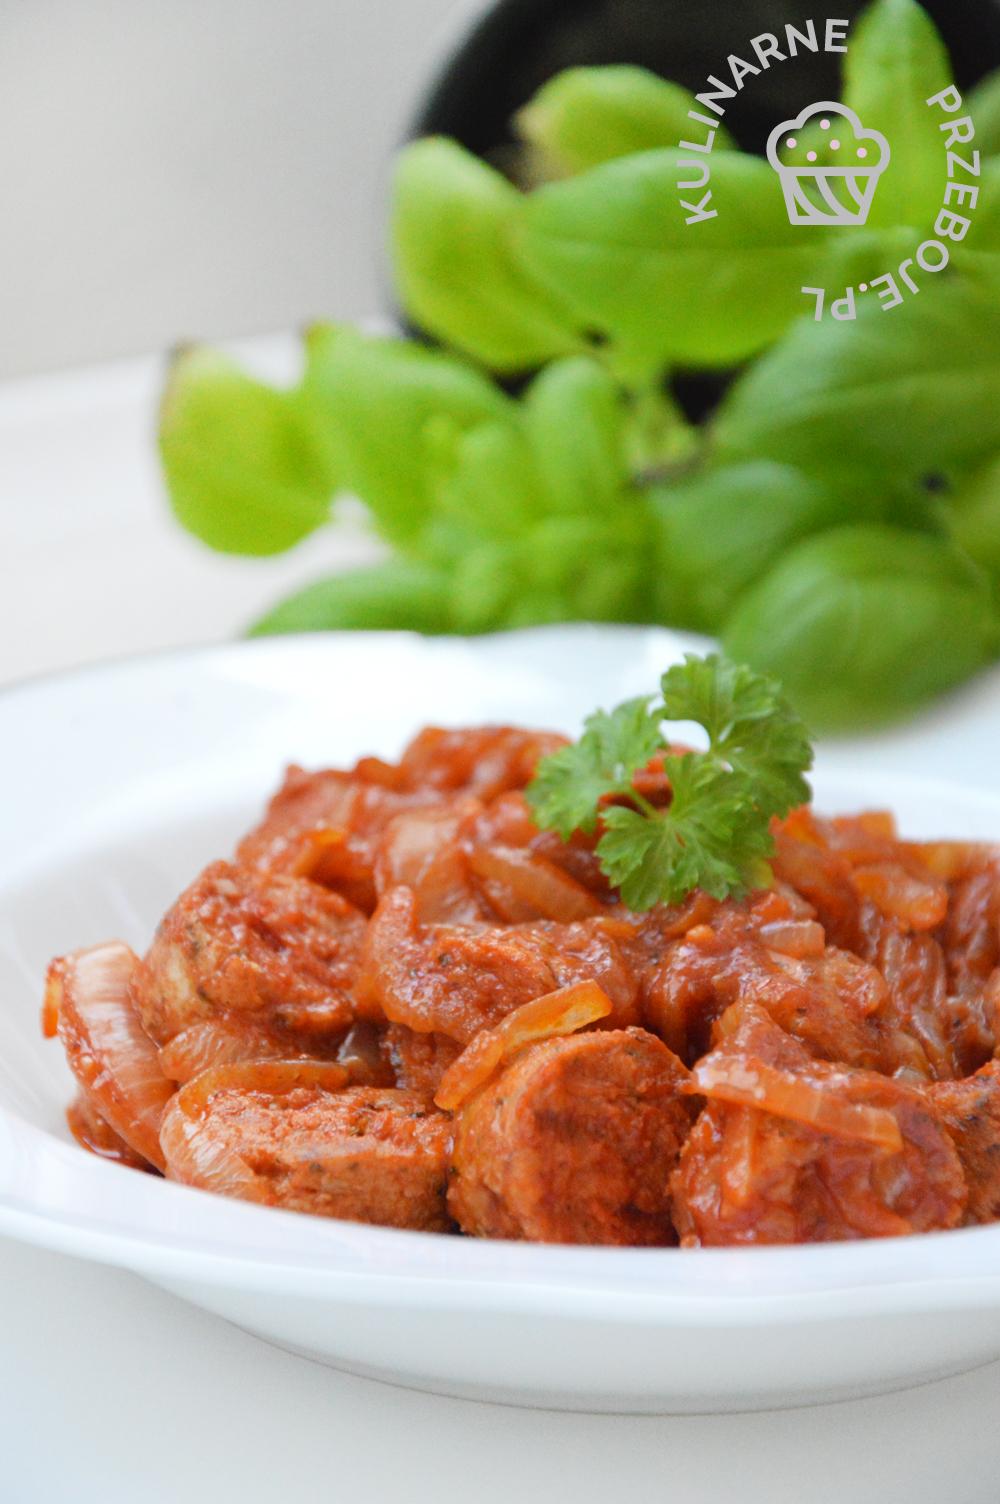 biała kiełbasa z cebulą i koncentratem pomidorowym